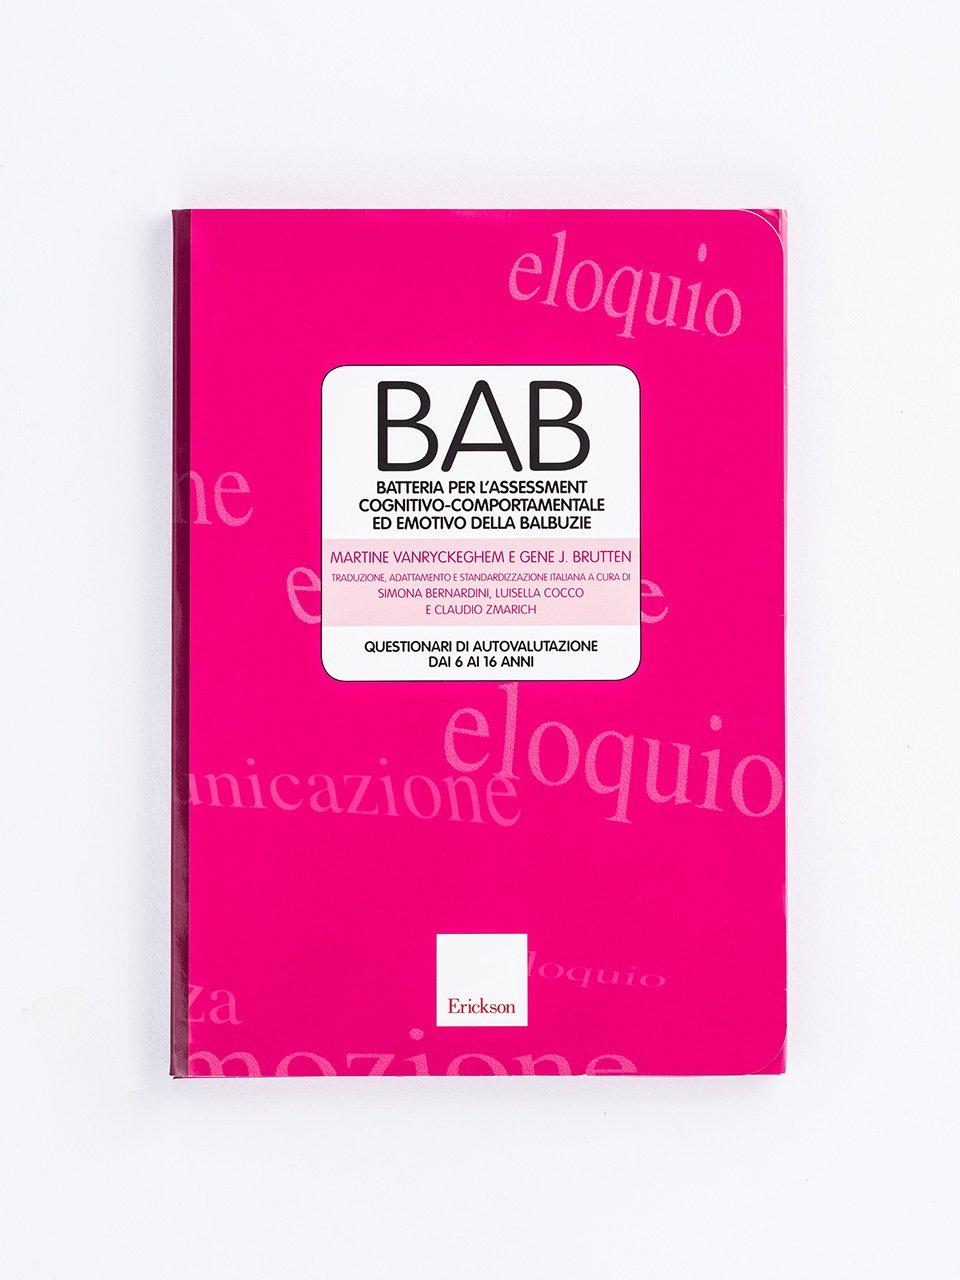 BAB - Batteria per l'assessment cognitivo-comportamentale ed emotivo della balbuzie - Tachistoscopio SUITE - App e software - Erickson